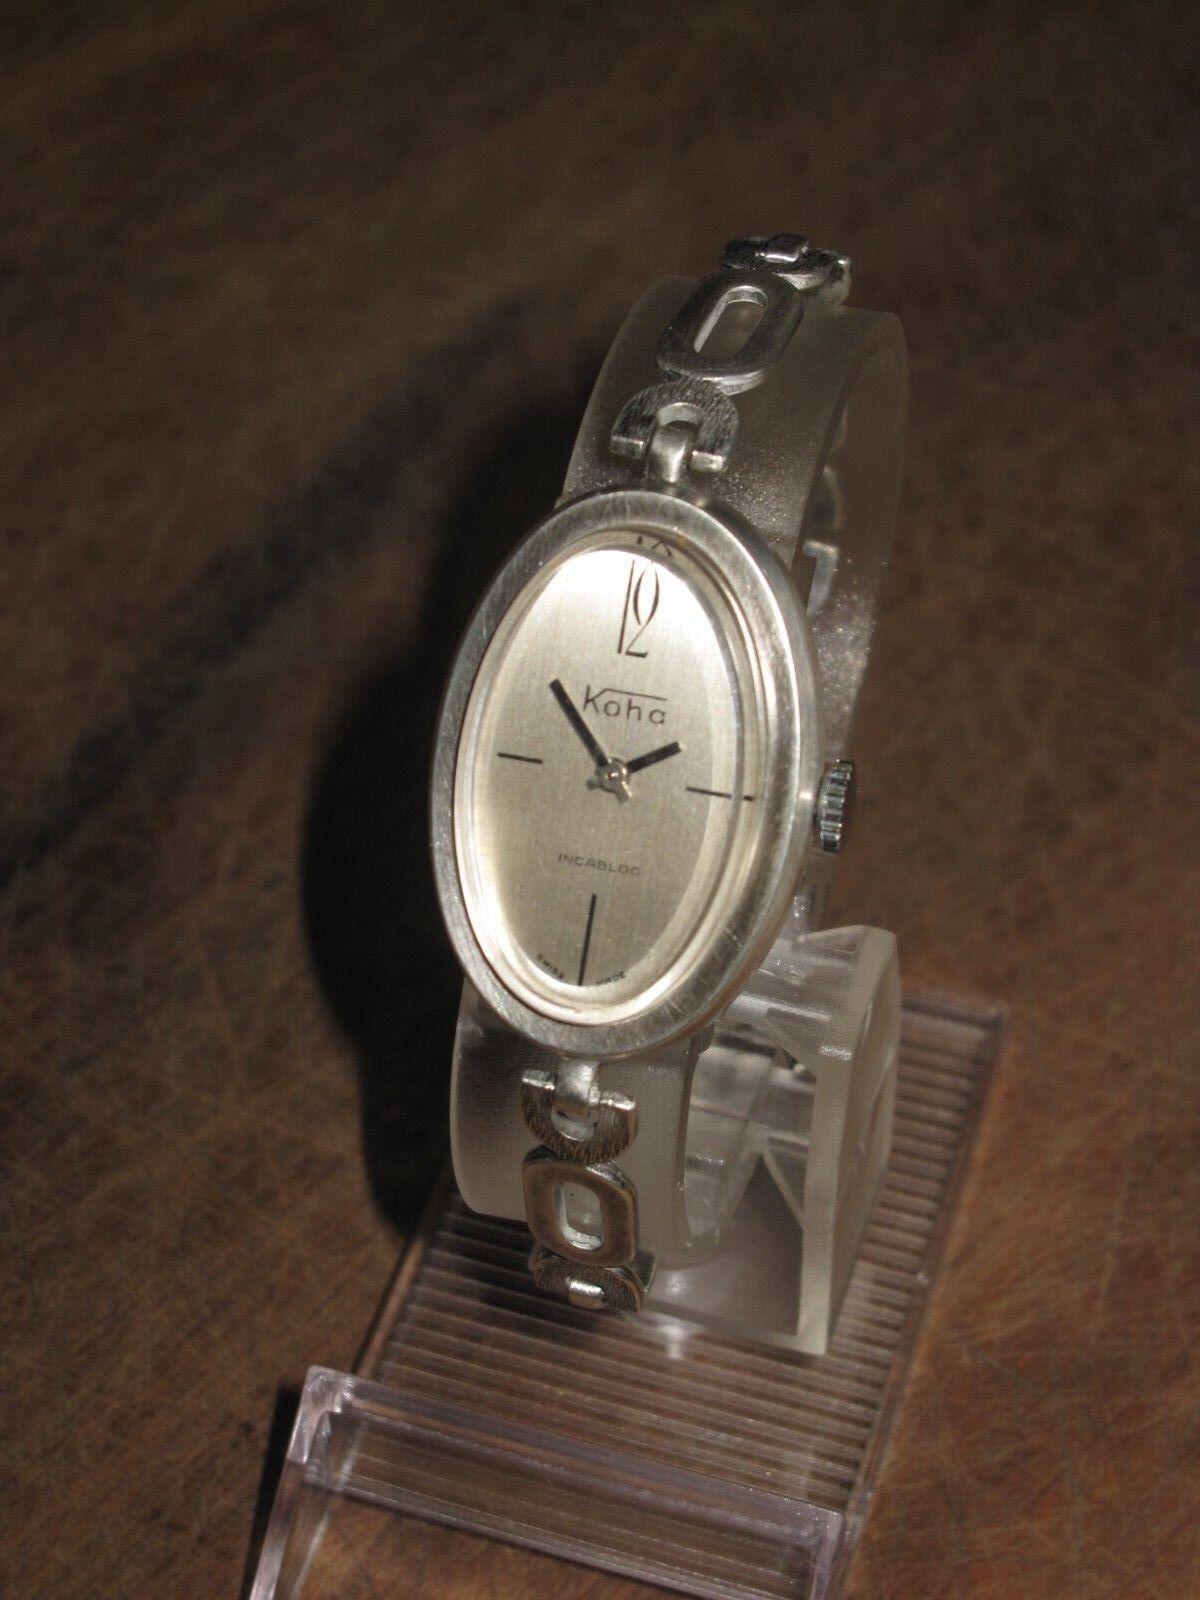 Stylische Koha Damen , 925er Silber-Uhr, Swiss made, Bestzustand, vintage, läuft